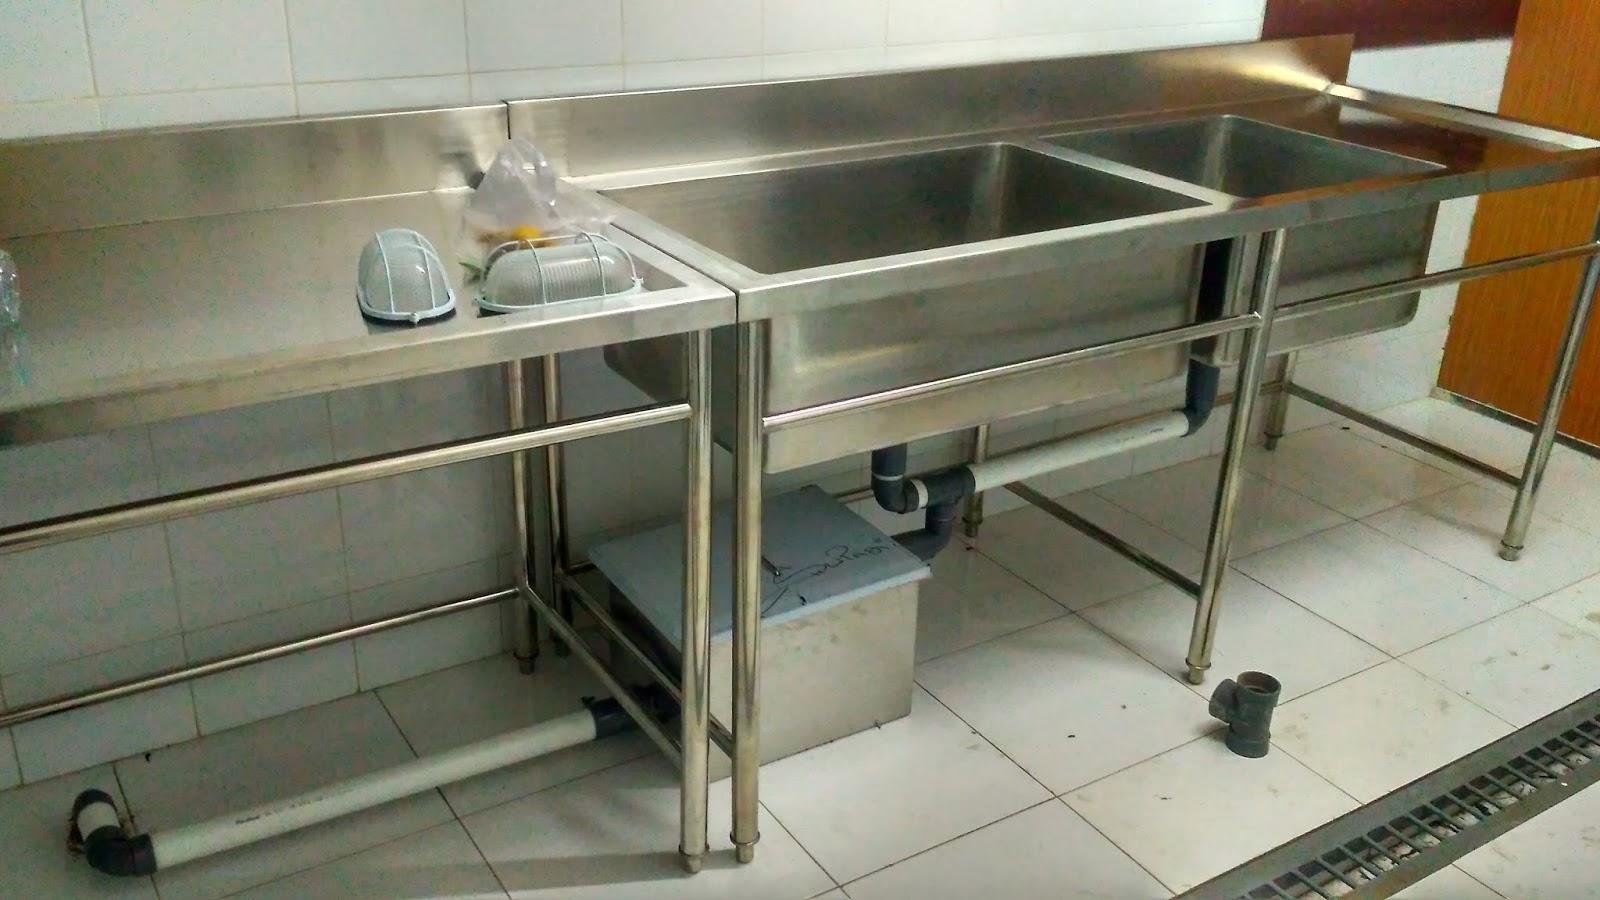 Sink table bak cuci piring stainless steel bowl sink for Kitchen set lampung